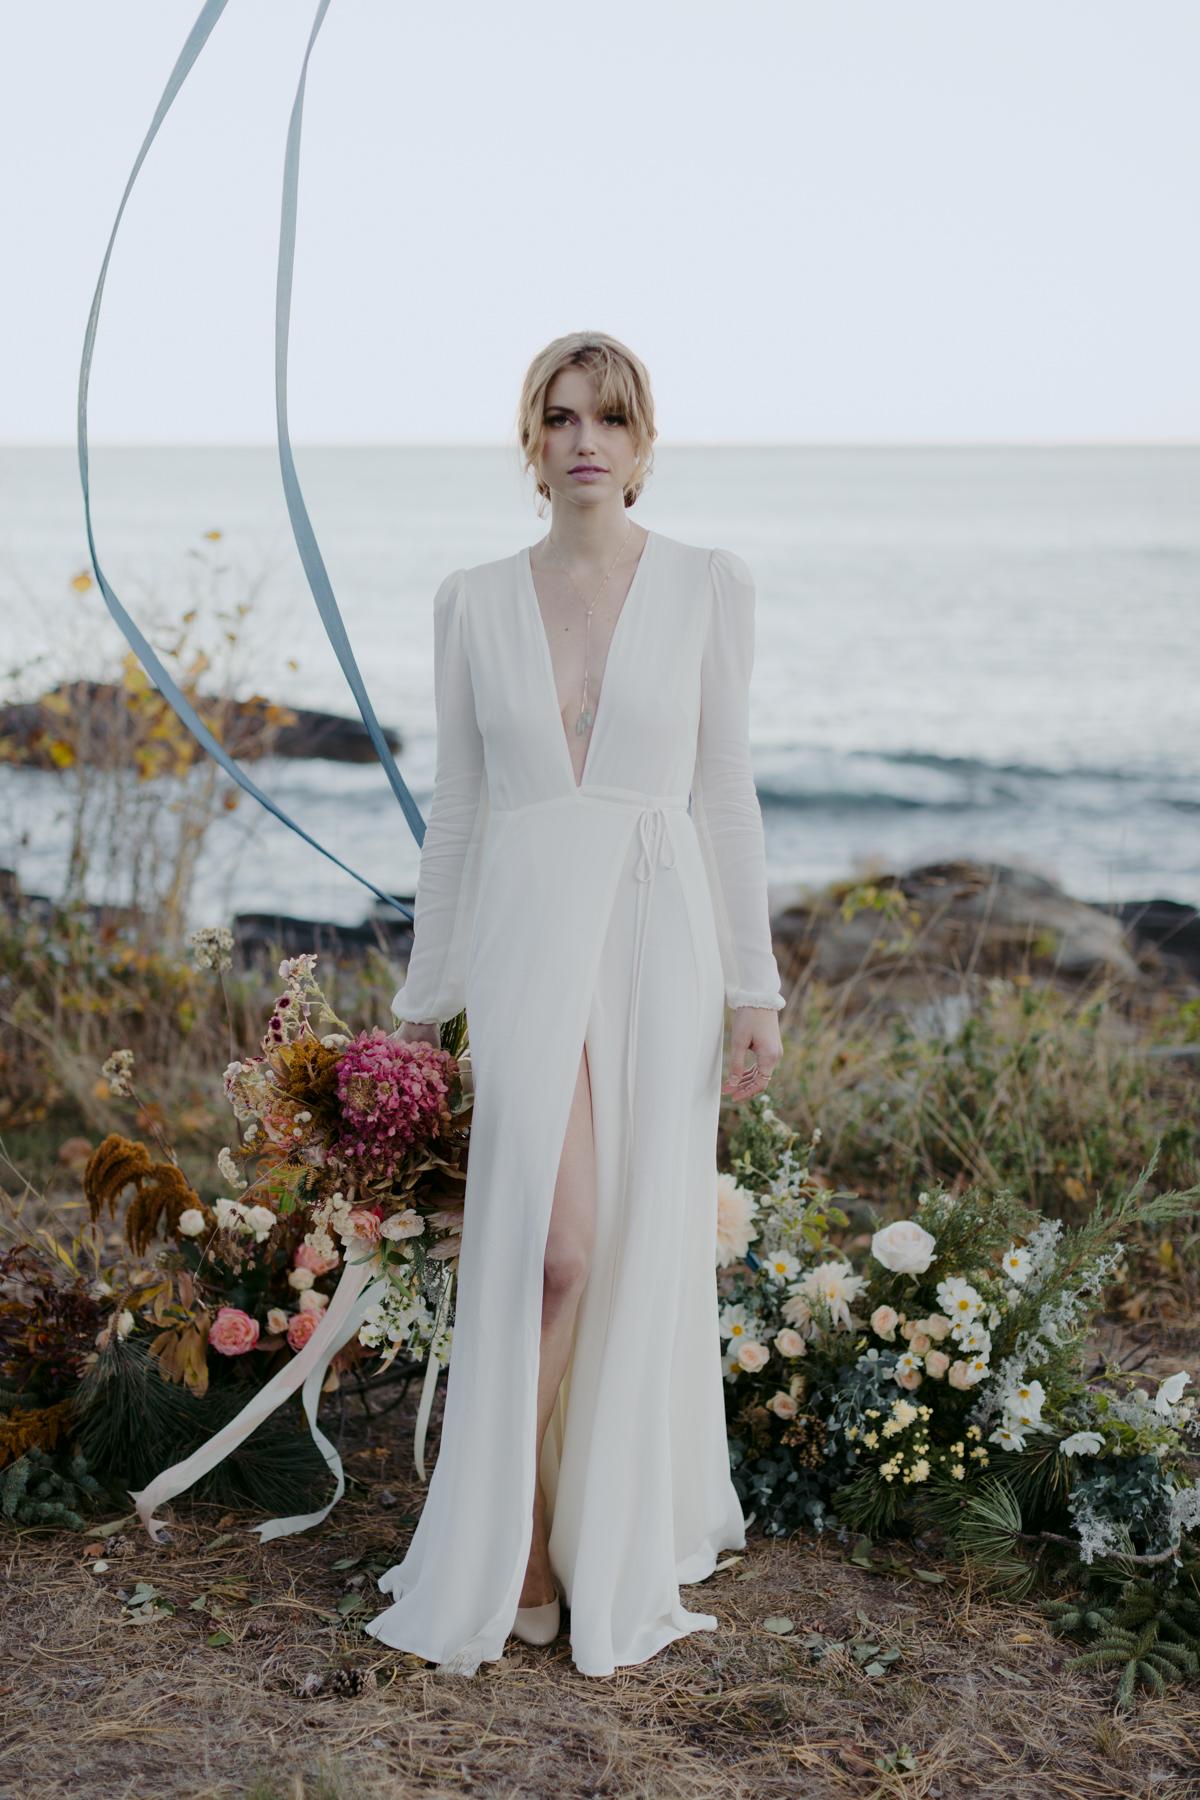 LFA_capeelizabeth_elopement_maine_coast_wedding_031.jpg